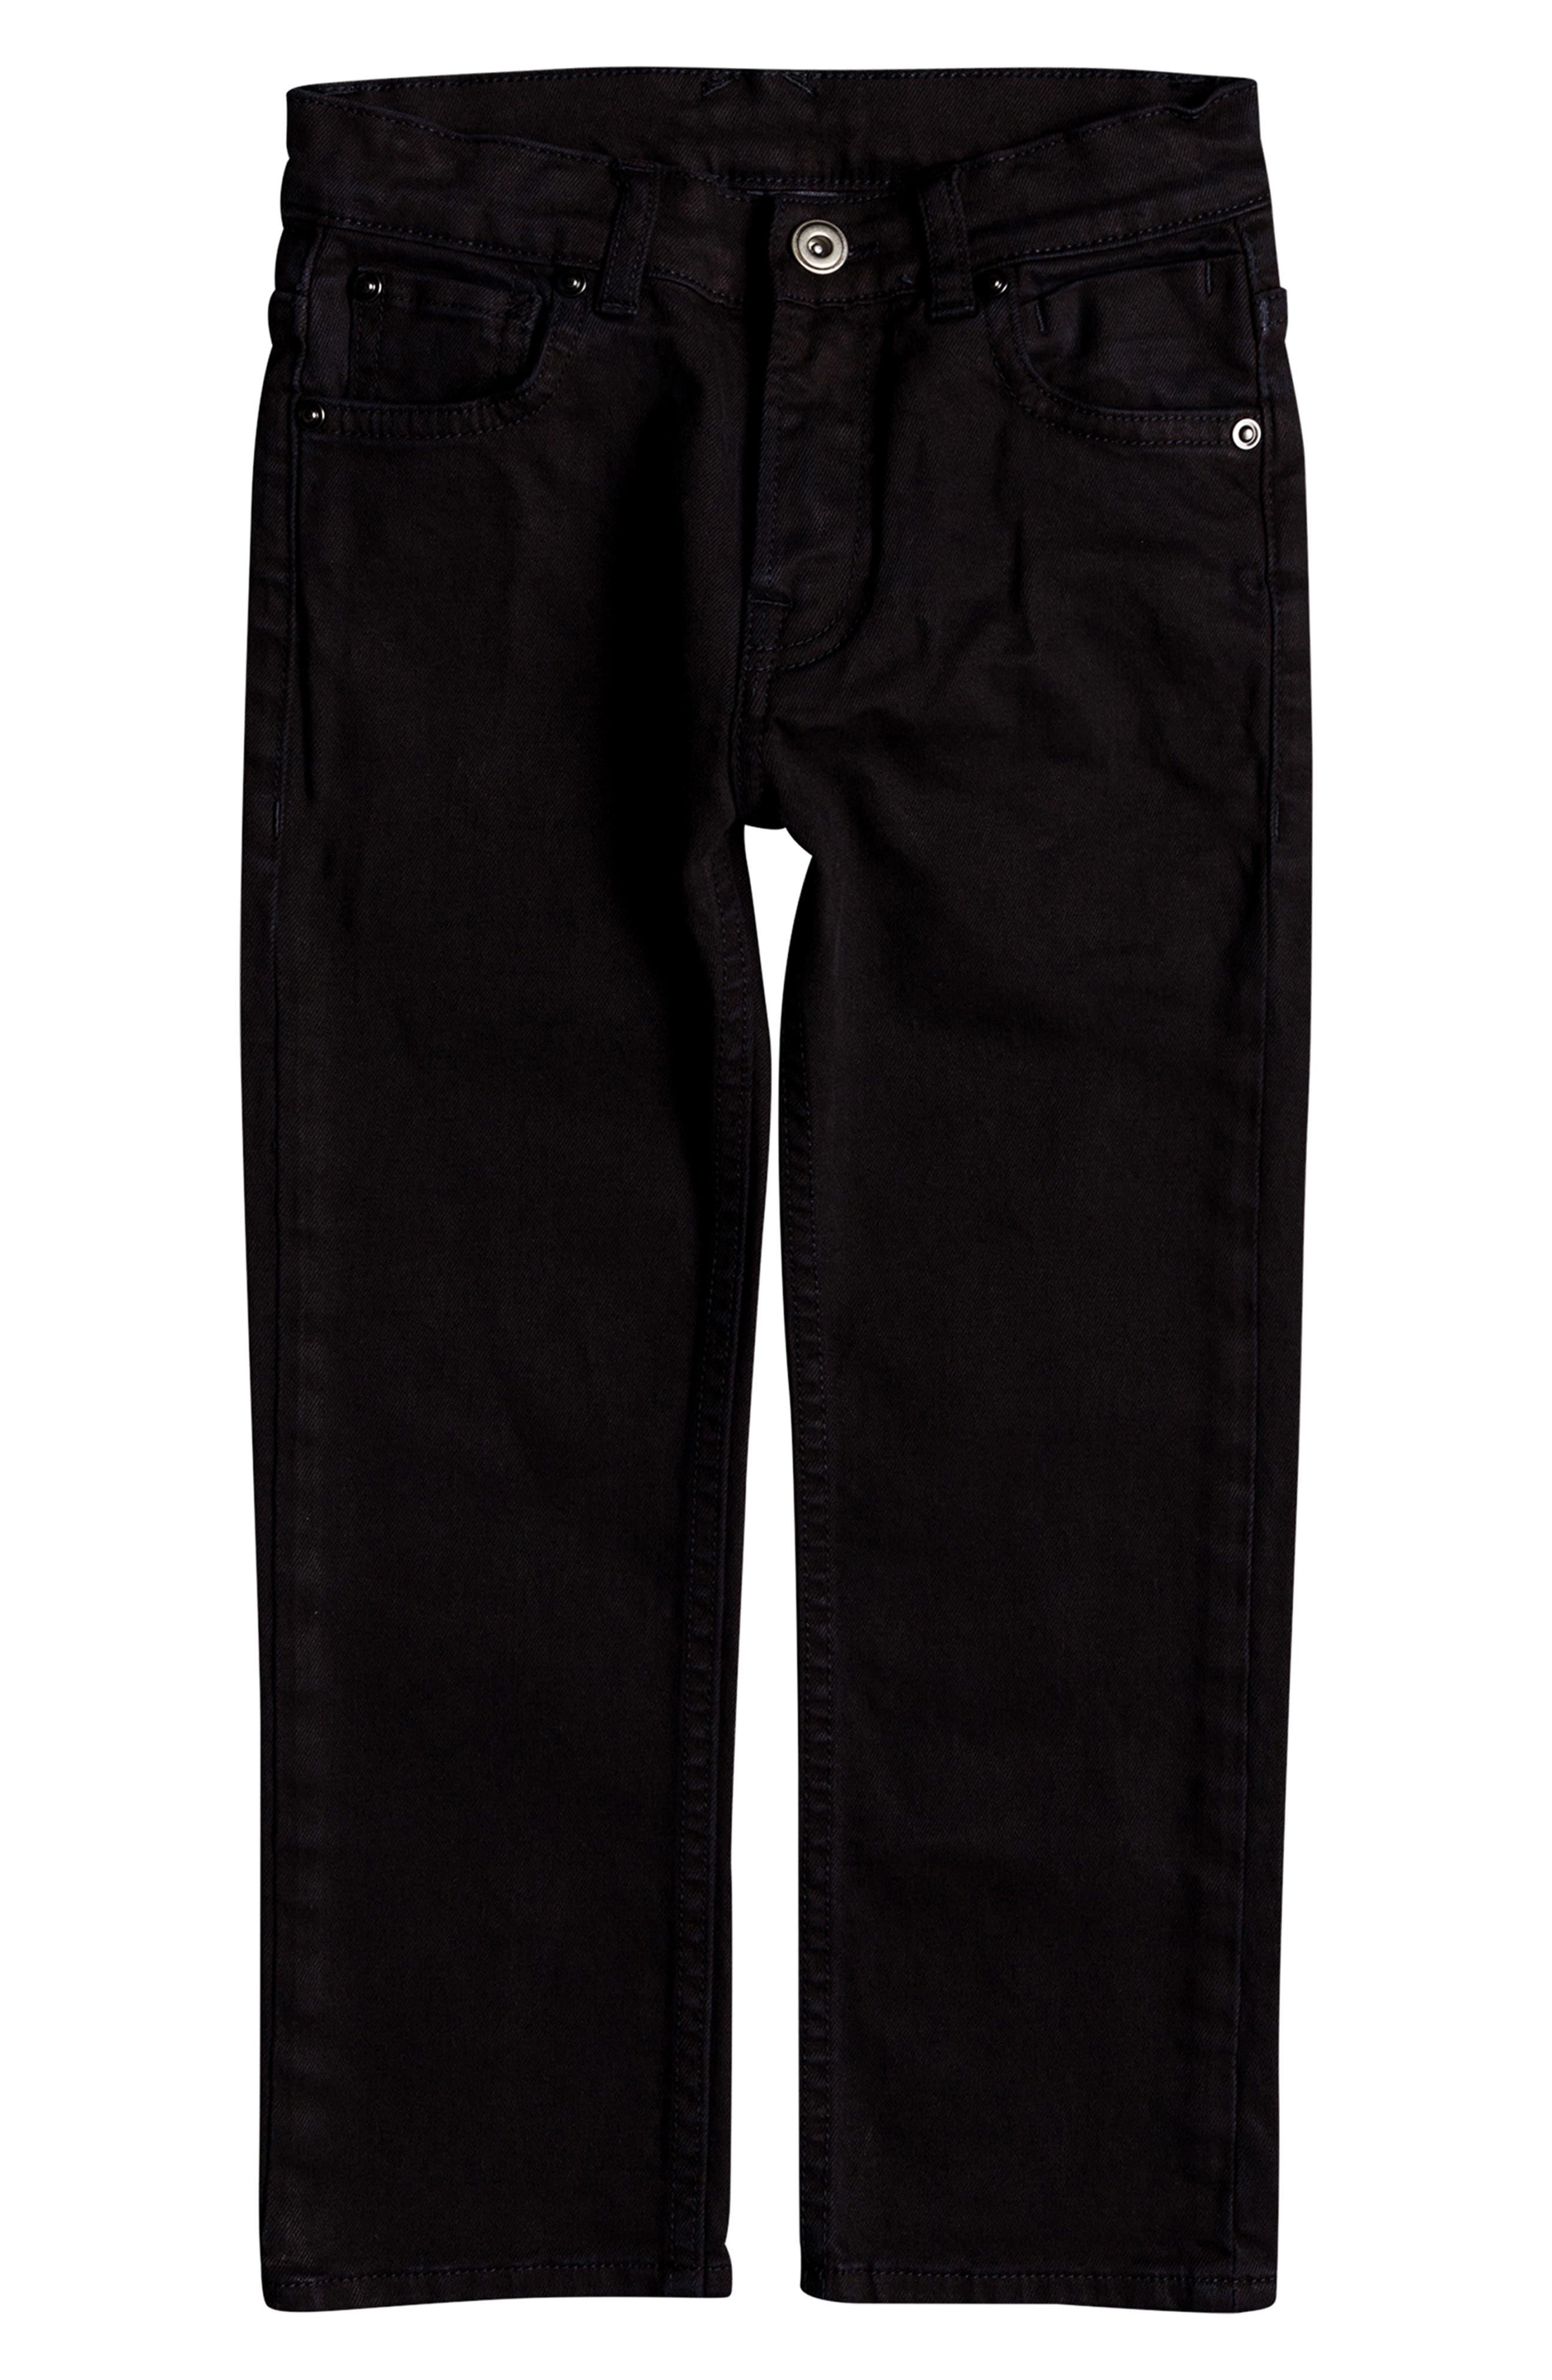 Distorsion Colors Slim Fit Straight Leg Jeans,                             Main thumbnail 1, color,                             TARMAC